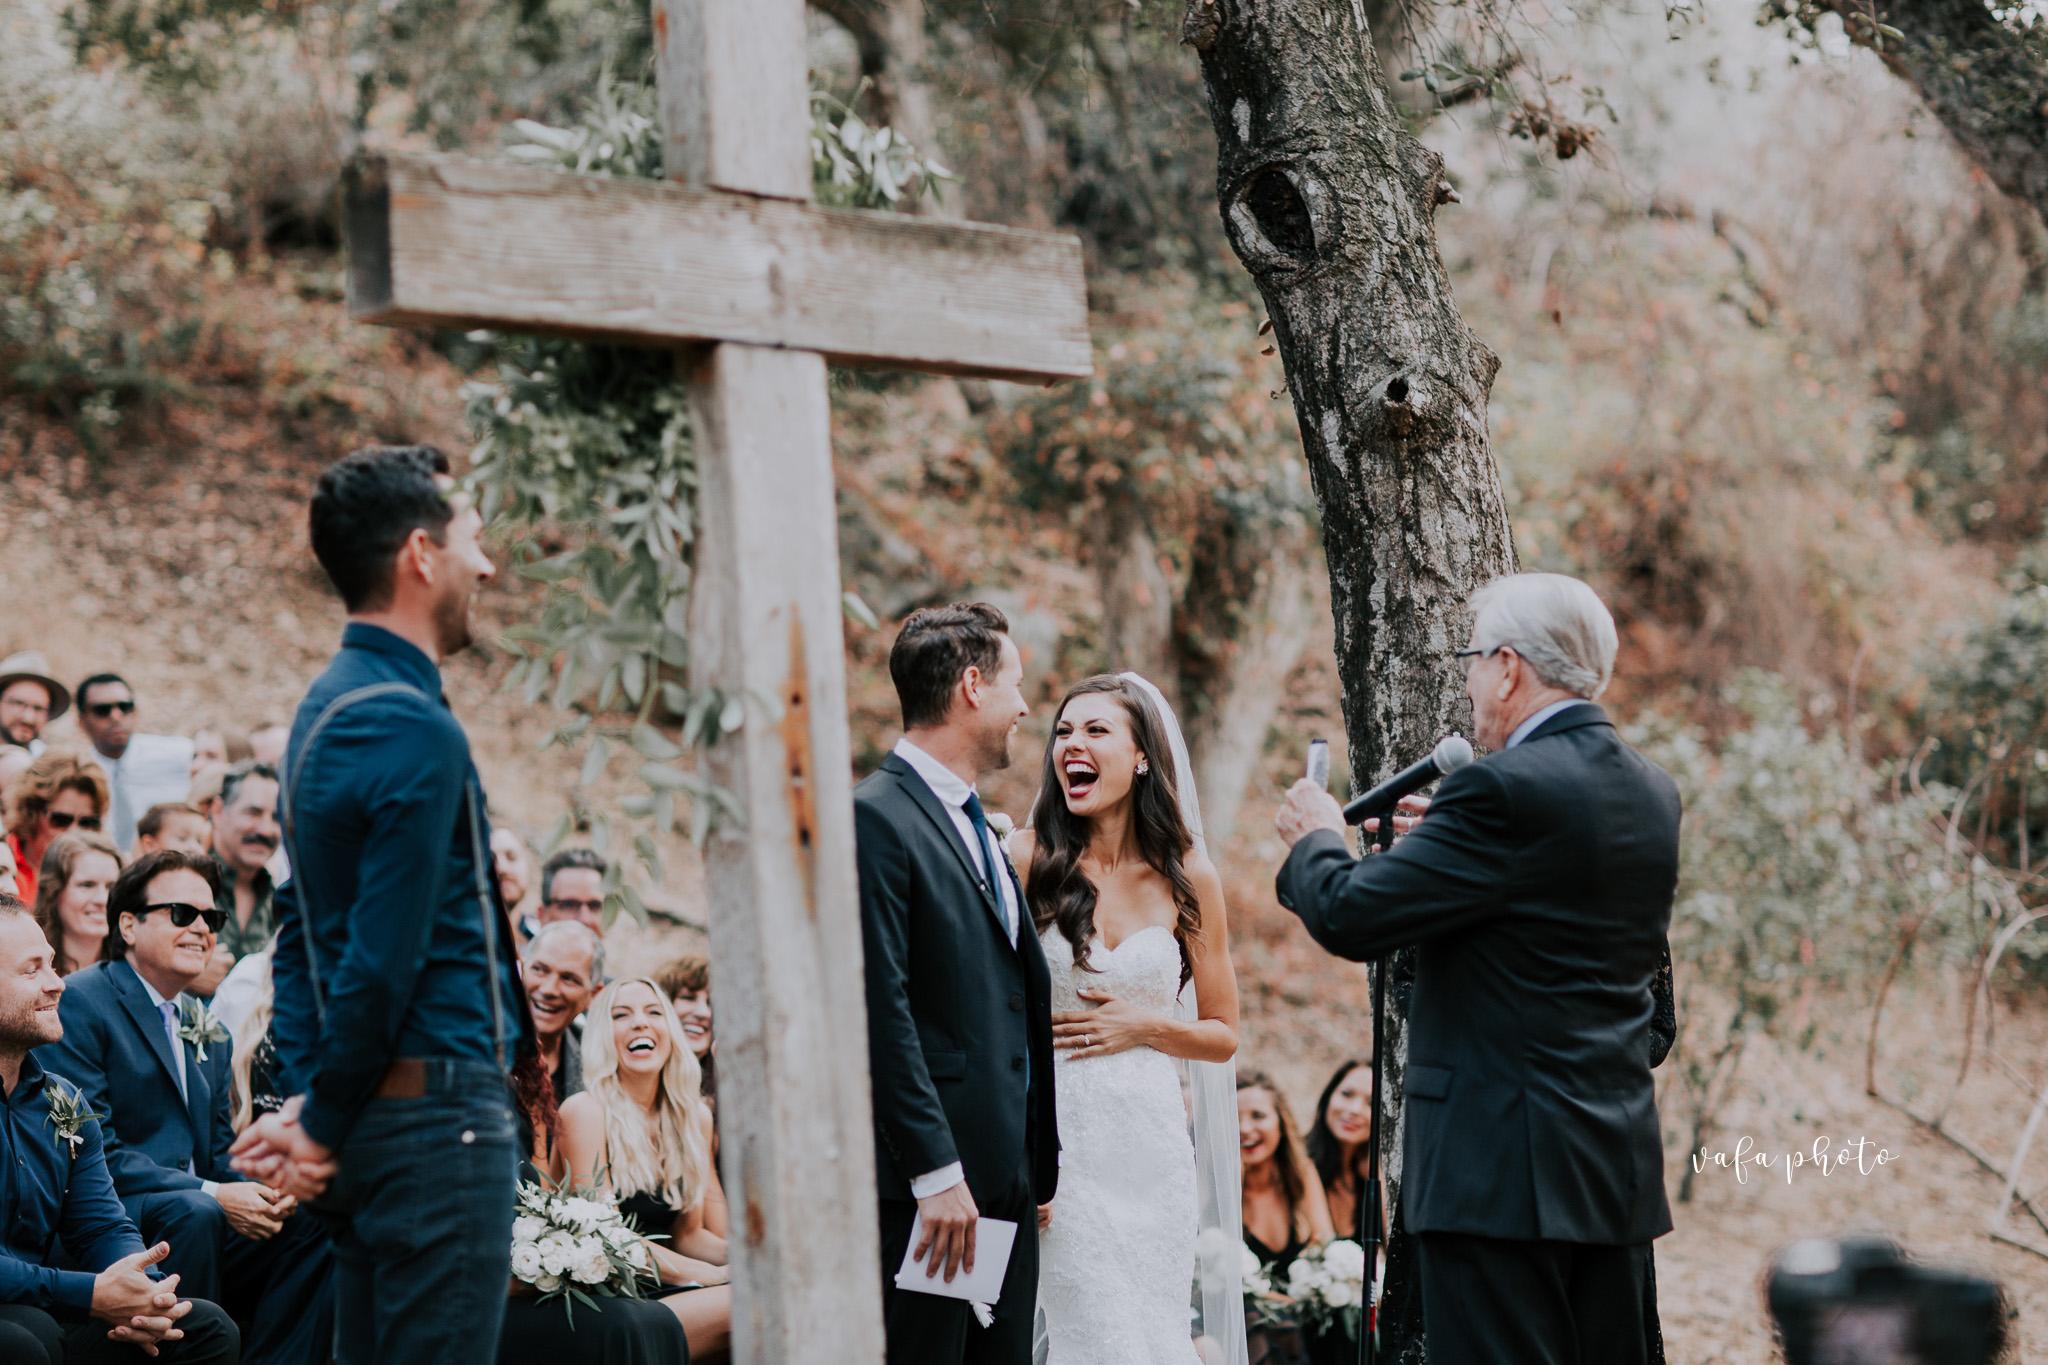 Southern-California-Wedding-Britt-Nilsson-Jeremy-Byrne-Vafa-Photo-442.jpg